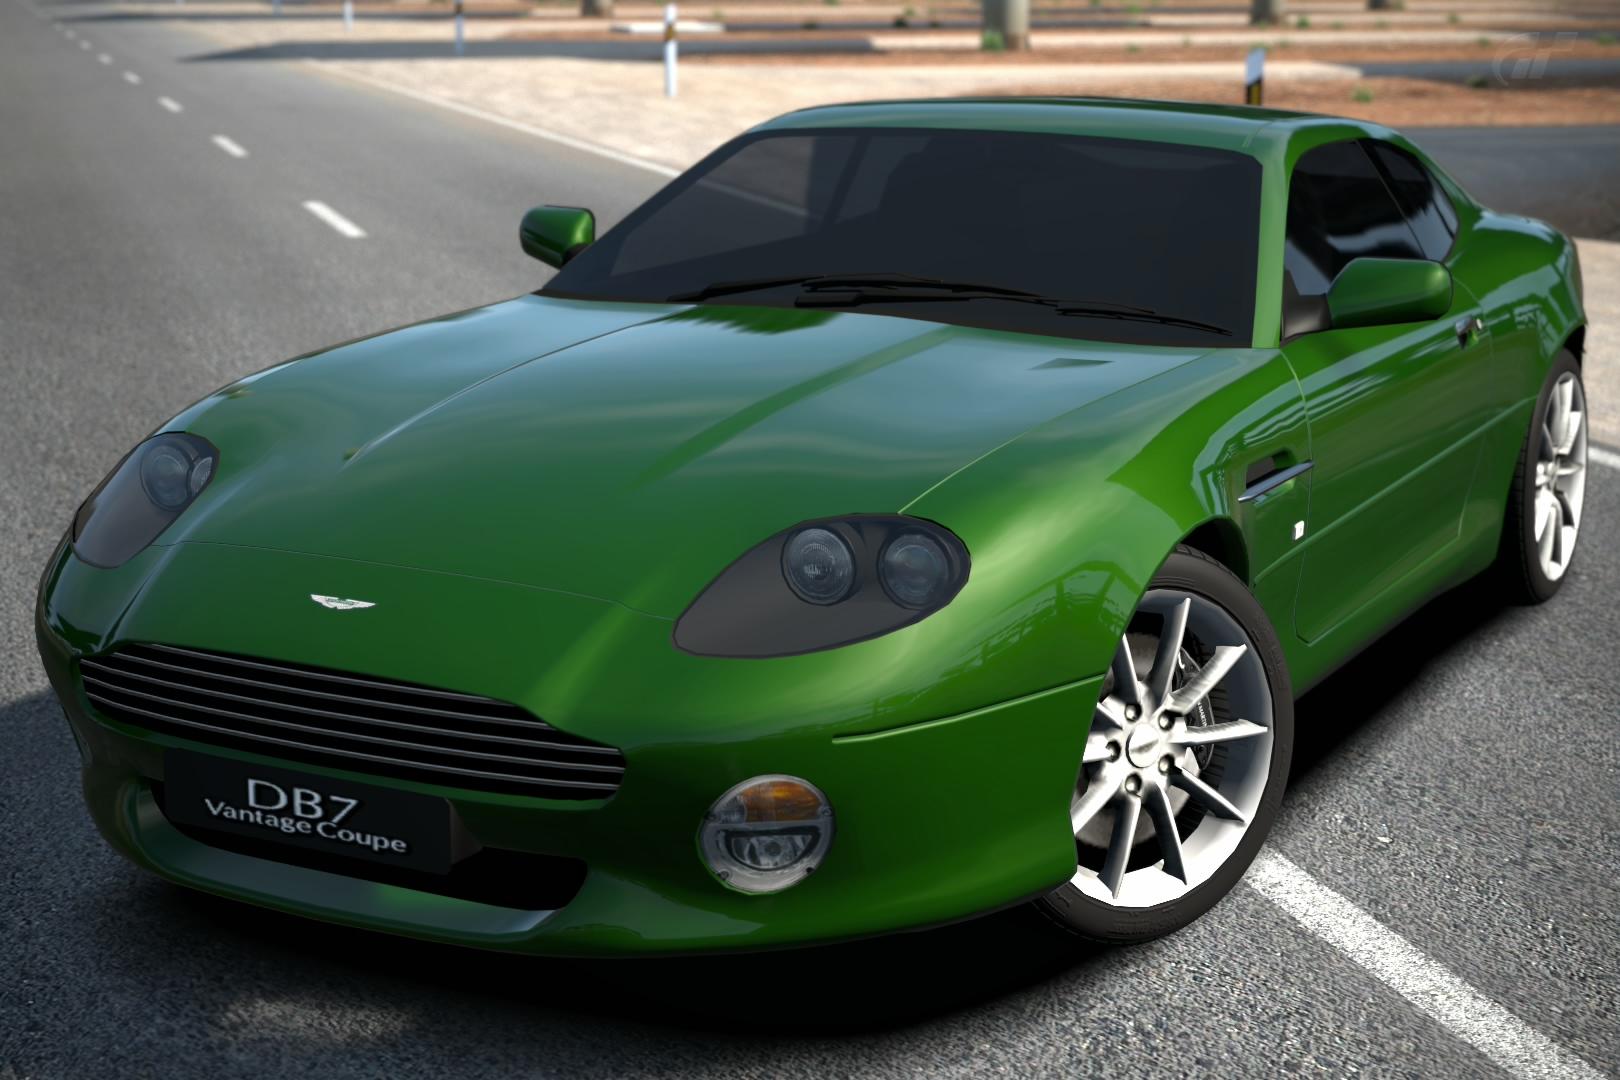 Aston Martin Db7 Vantage Coupe 00 Gran Turismo Wiki Fandom